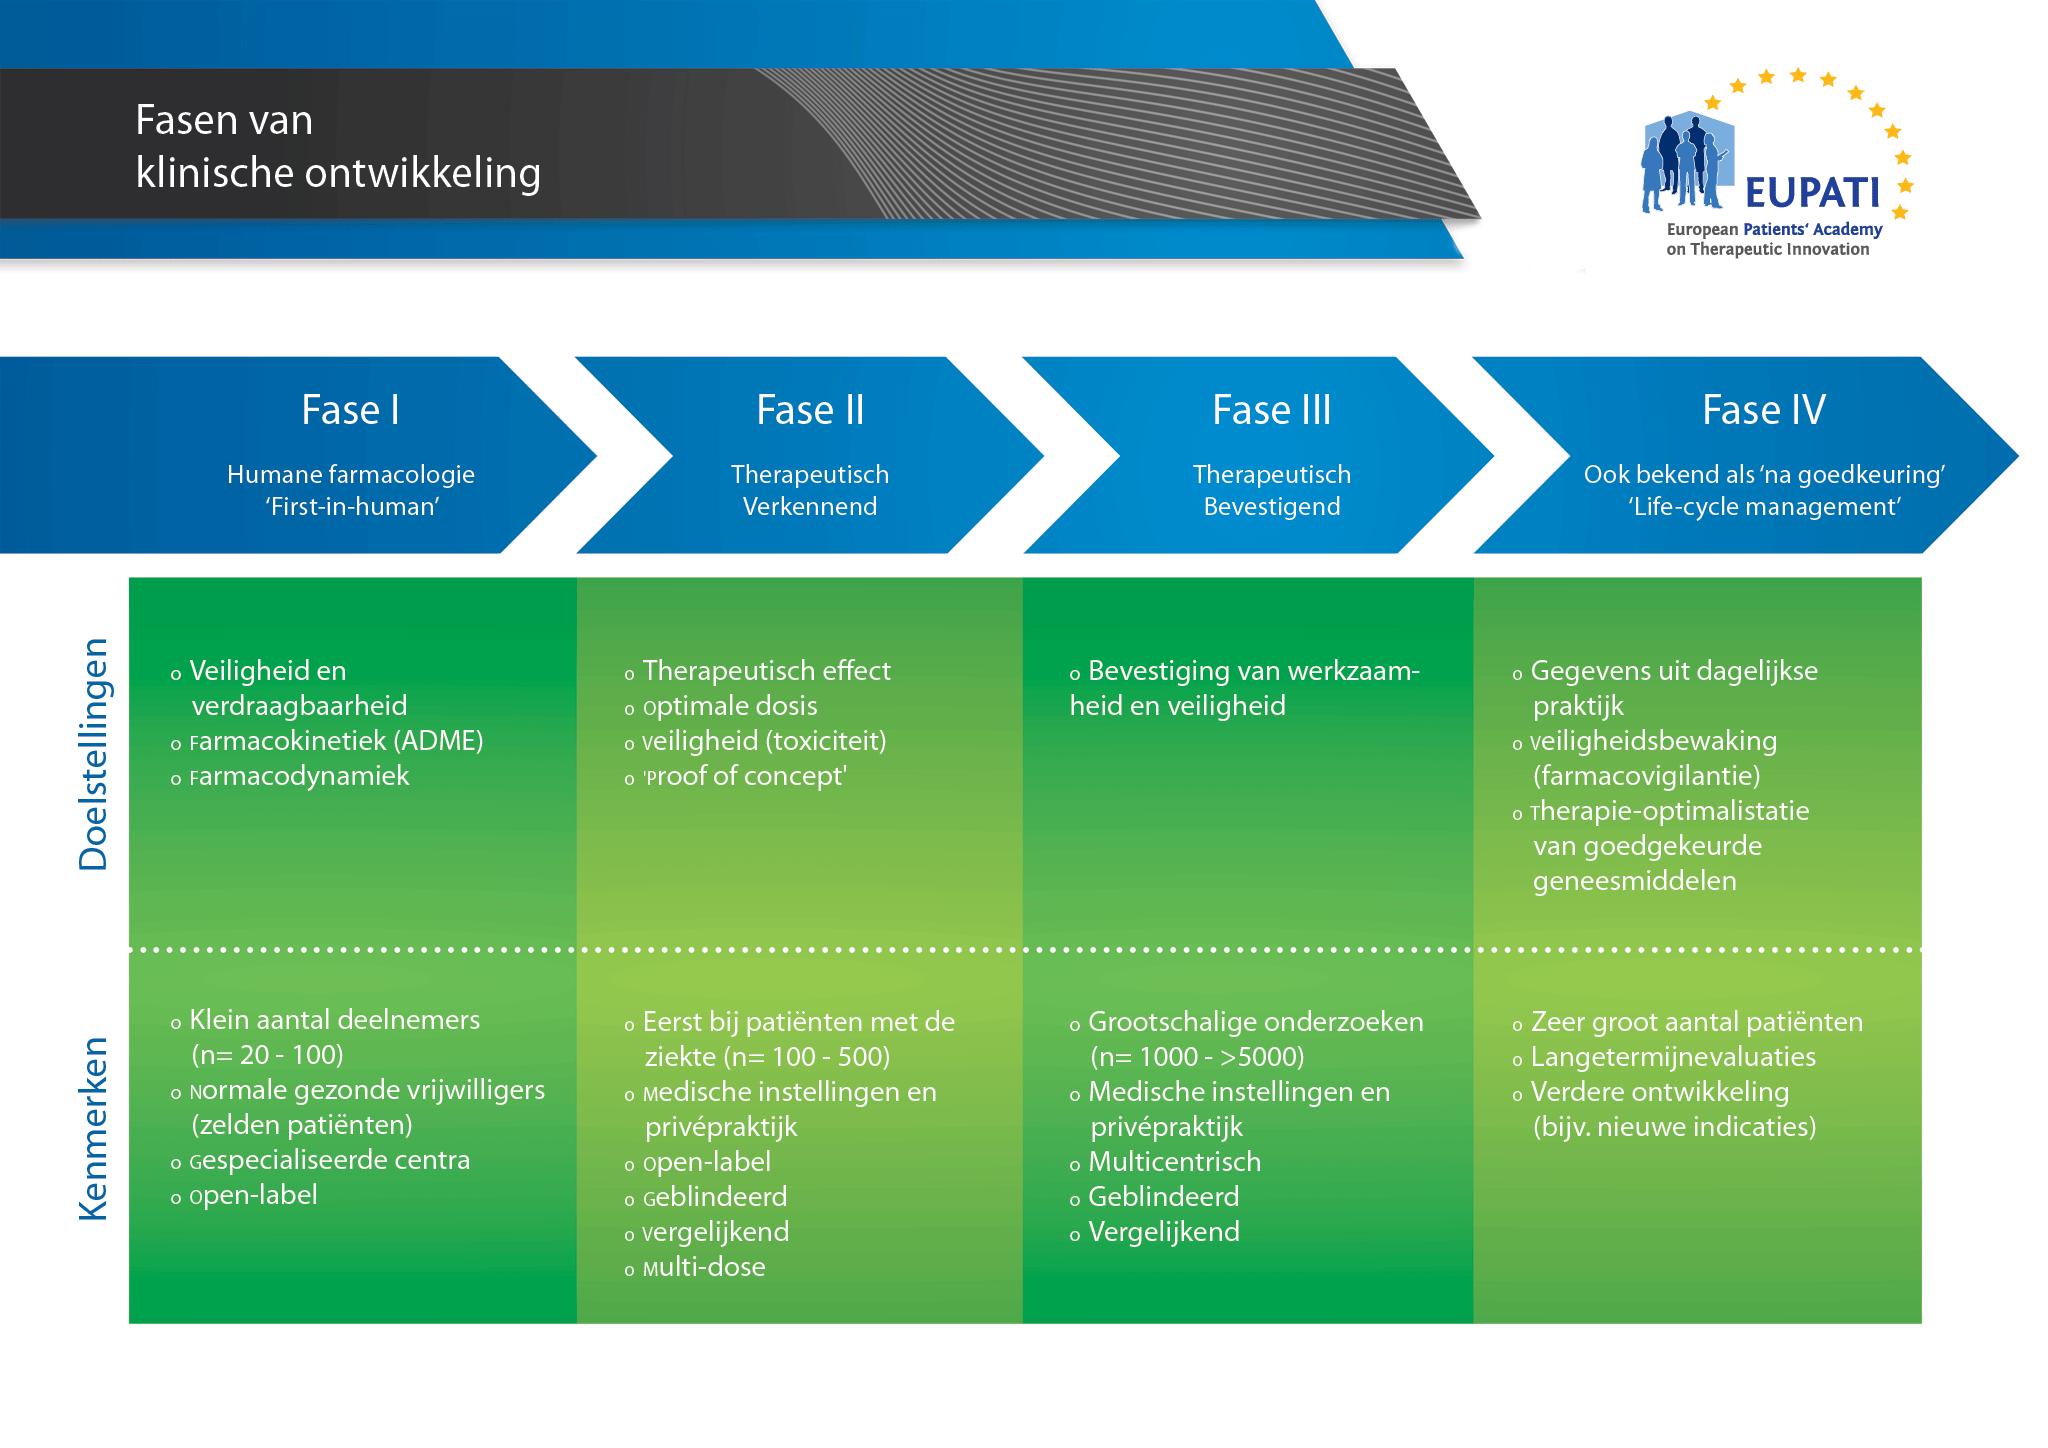 De vier fasen van klinische ontwikkeling verschillen in termen van hun doelstellingen en kenmerken.